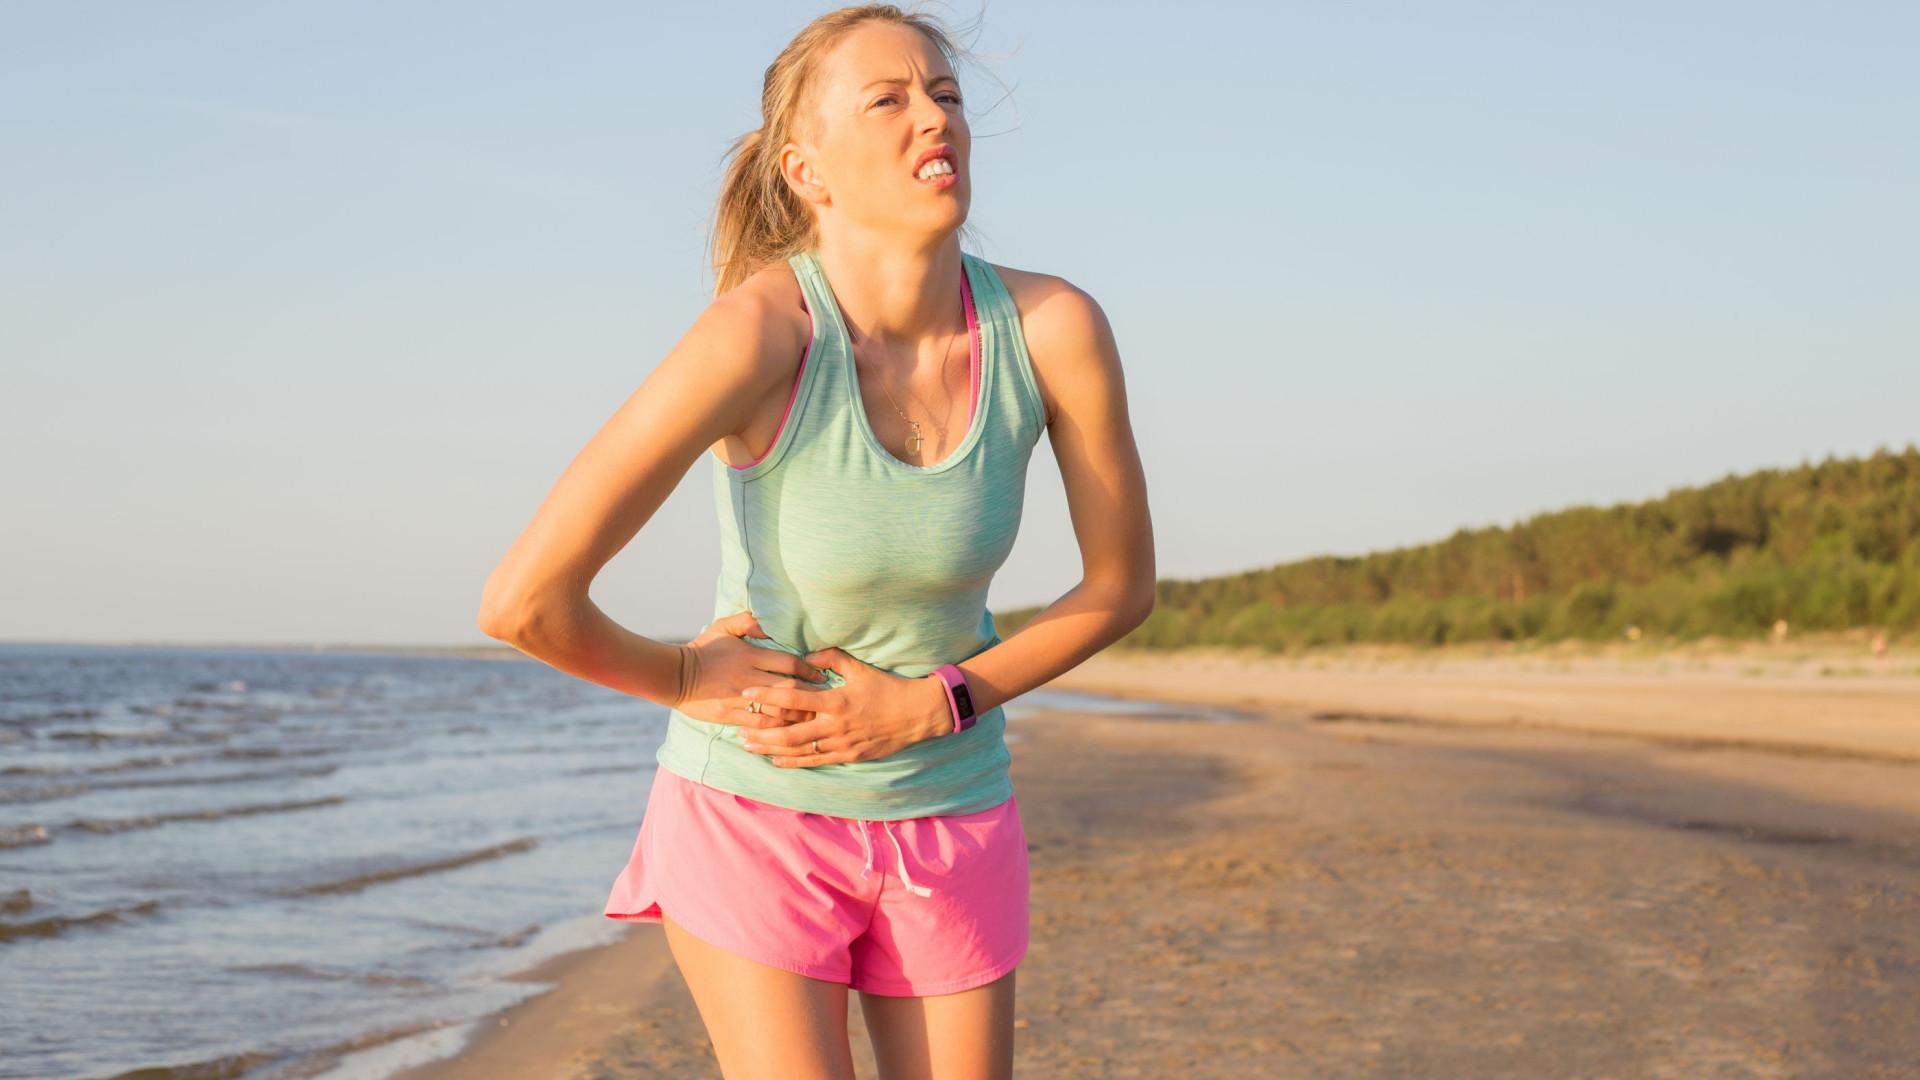 Pontadas durante o treino: Perceba porquê e evite-as